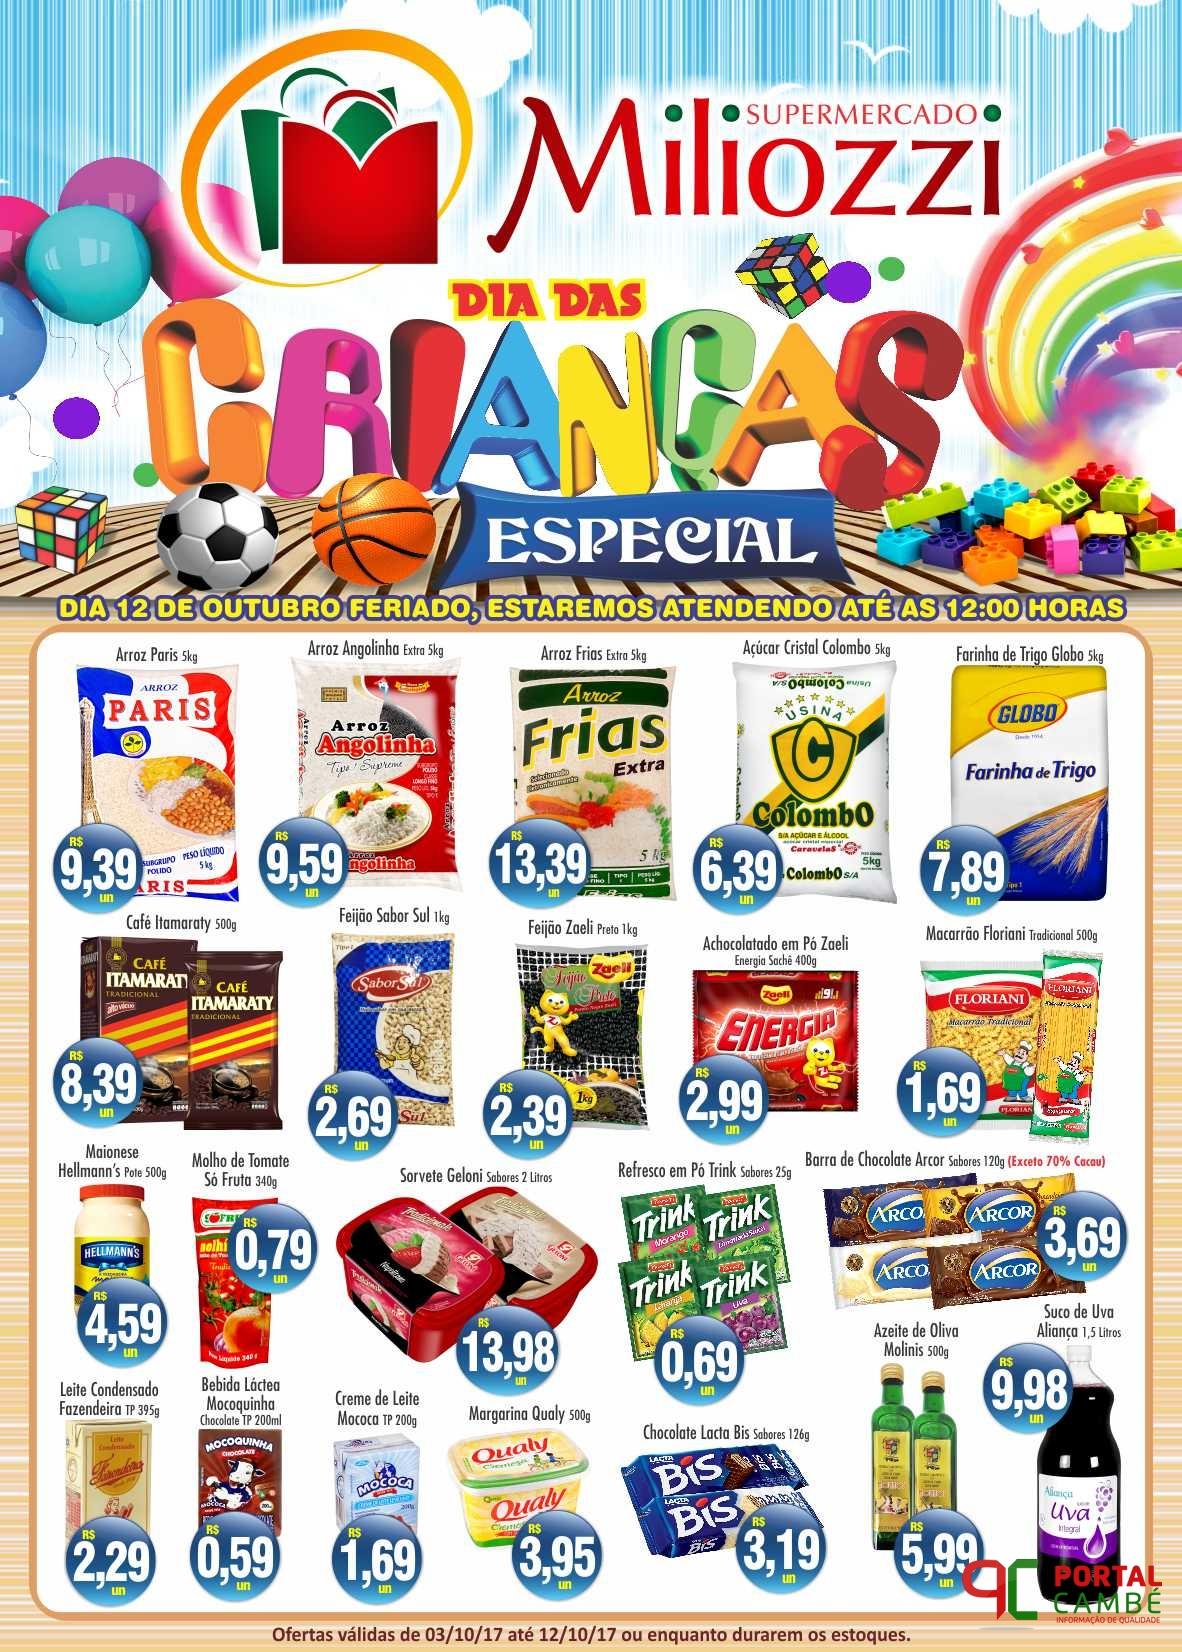 Supermercado Miliozzi: Confira as ofertas válidas até o dia 12 de outubro.